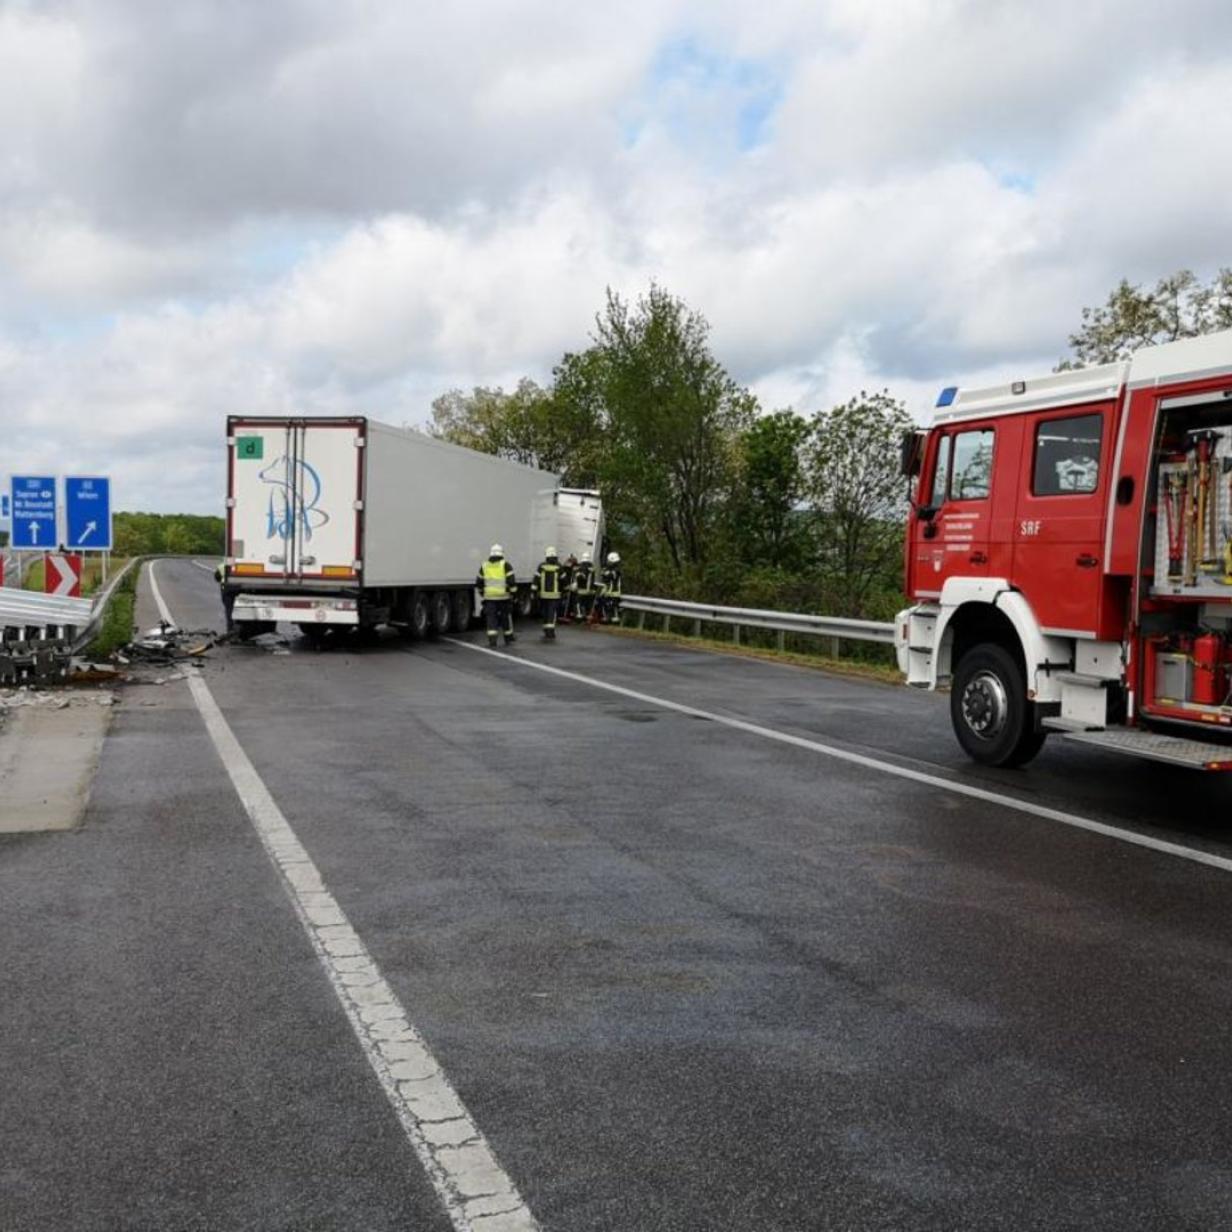 Lkw verpasste Autobahnabfahrt und krachte in Leitplanke